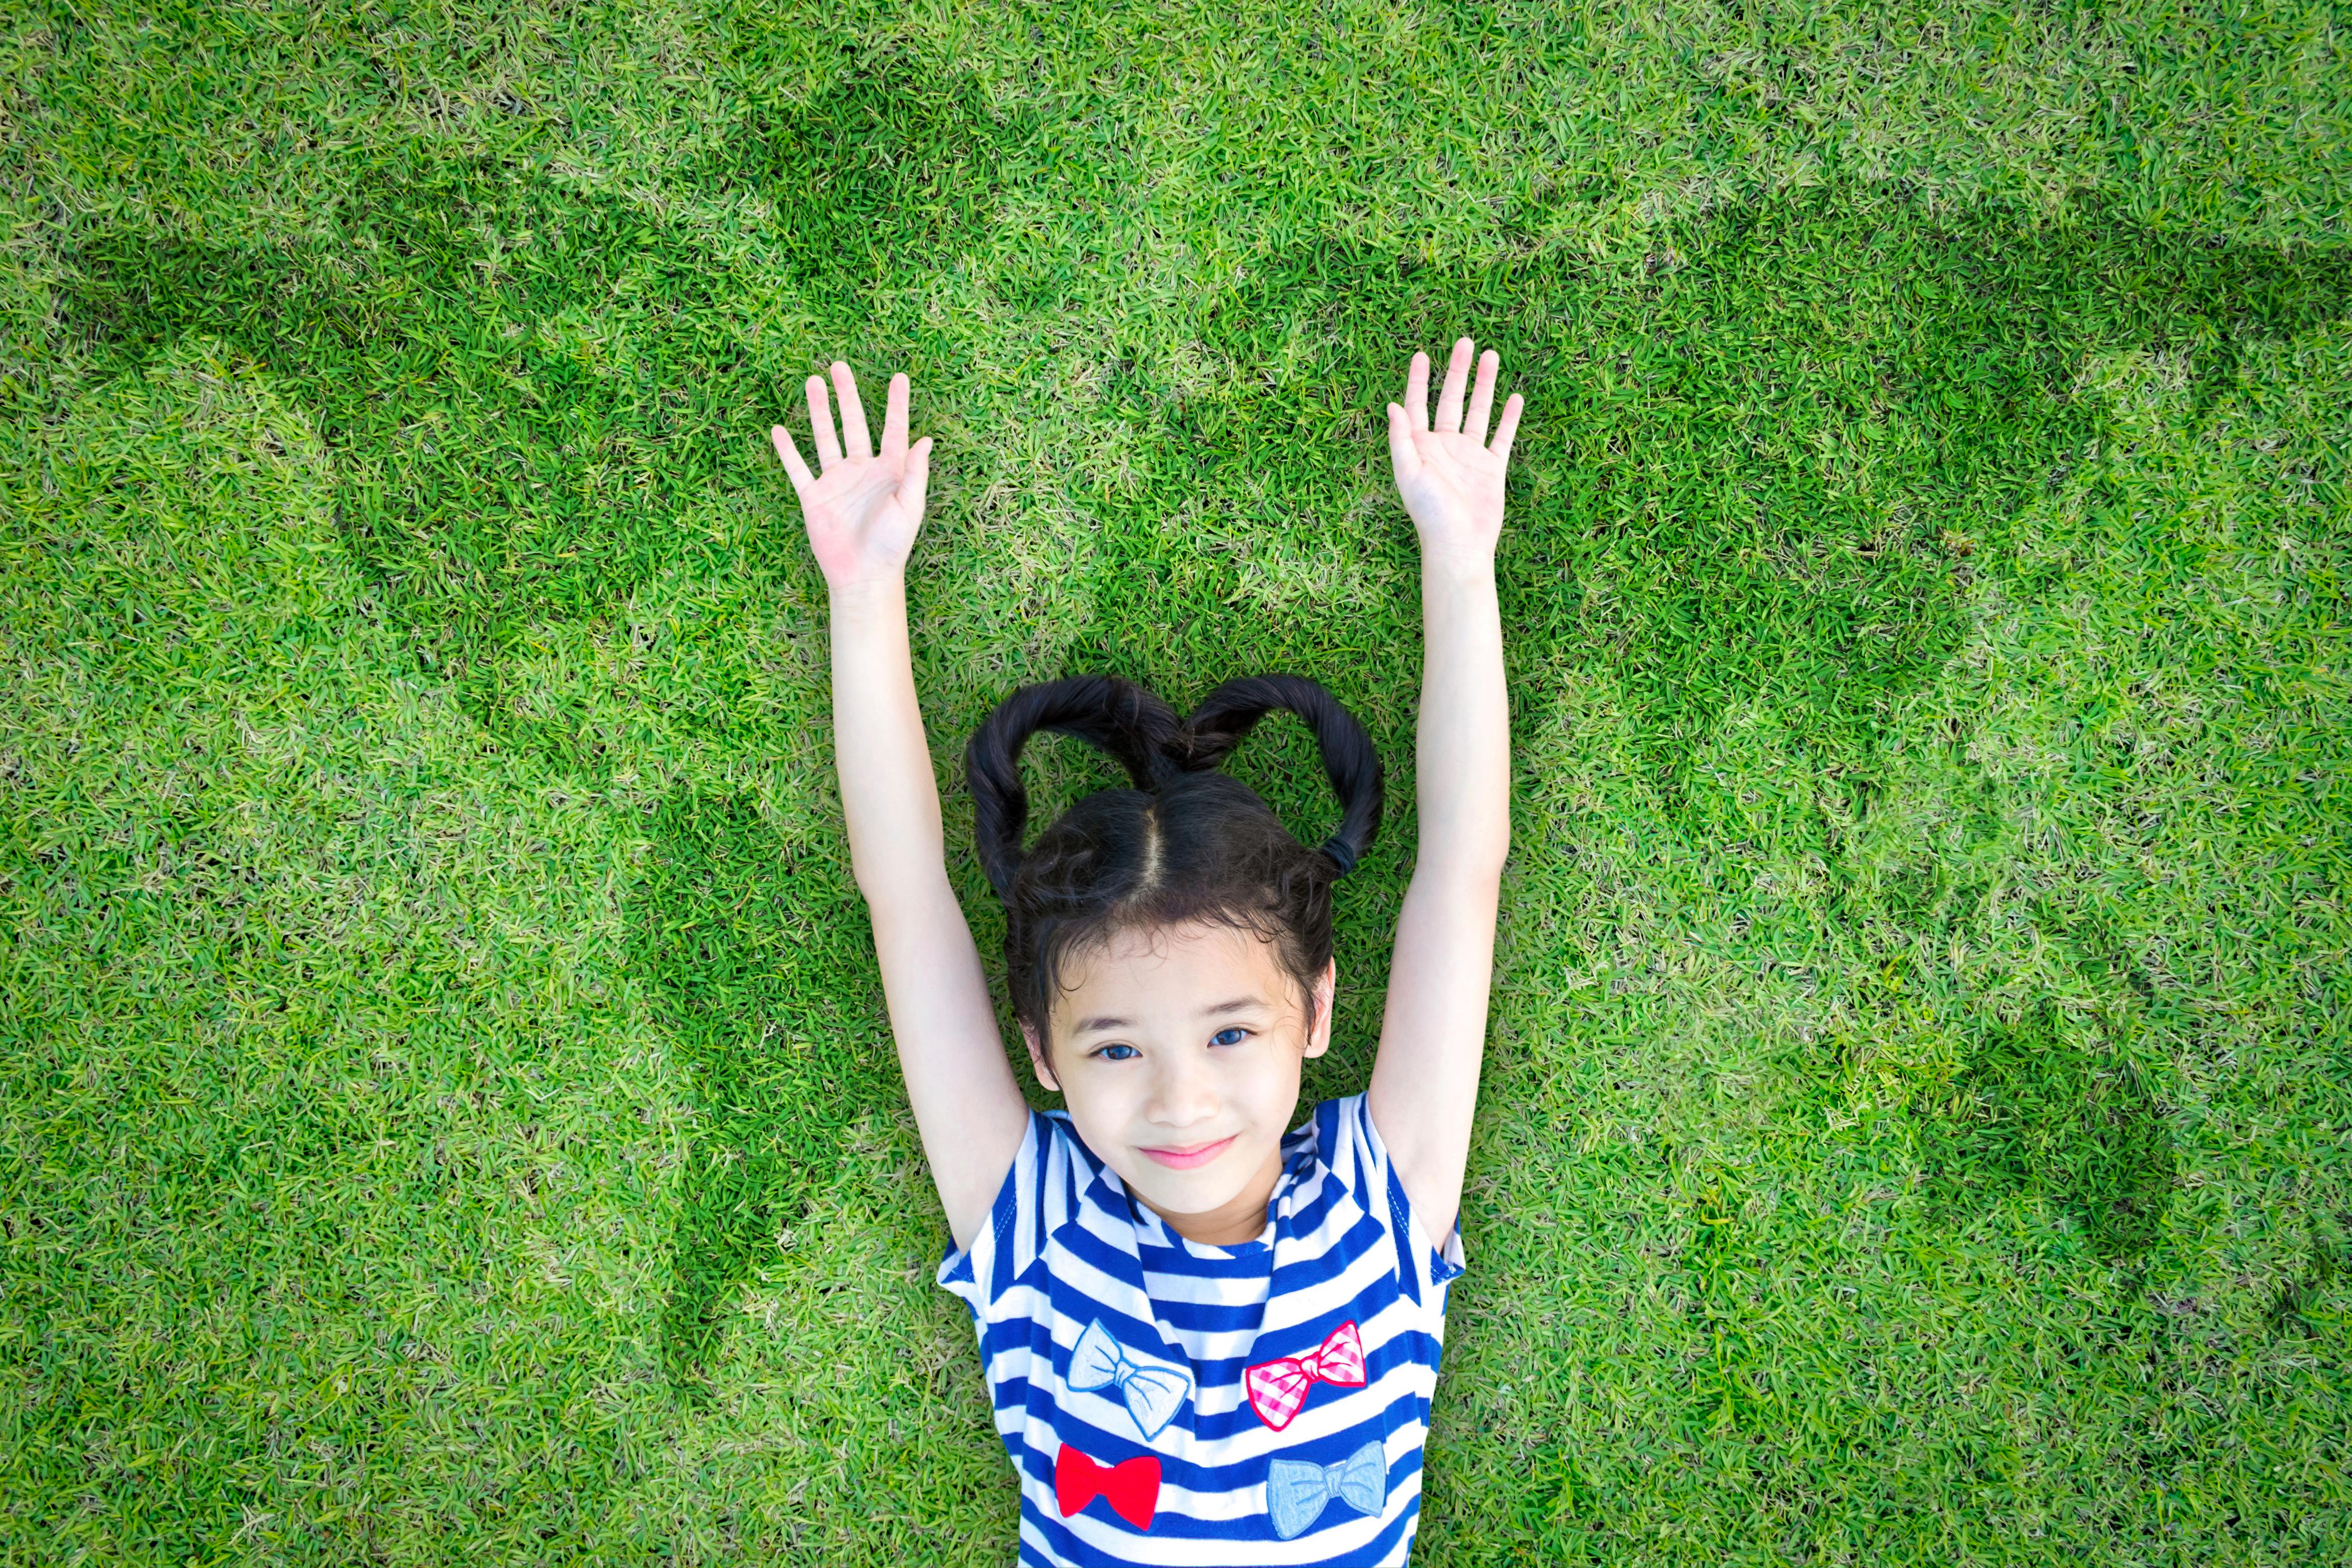 5 tips for å gjøre din virksomhet mer bærekraftig